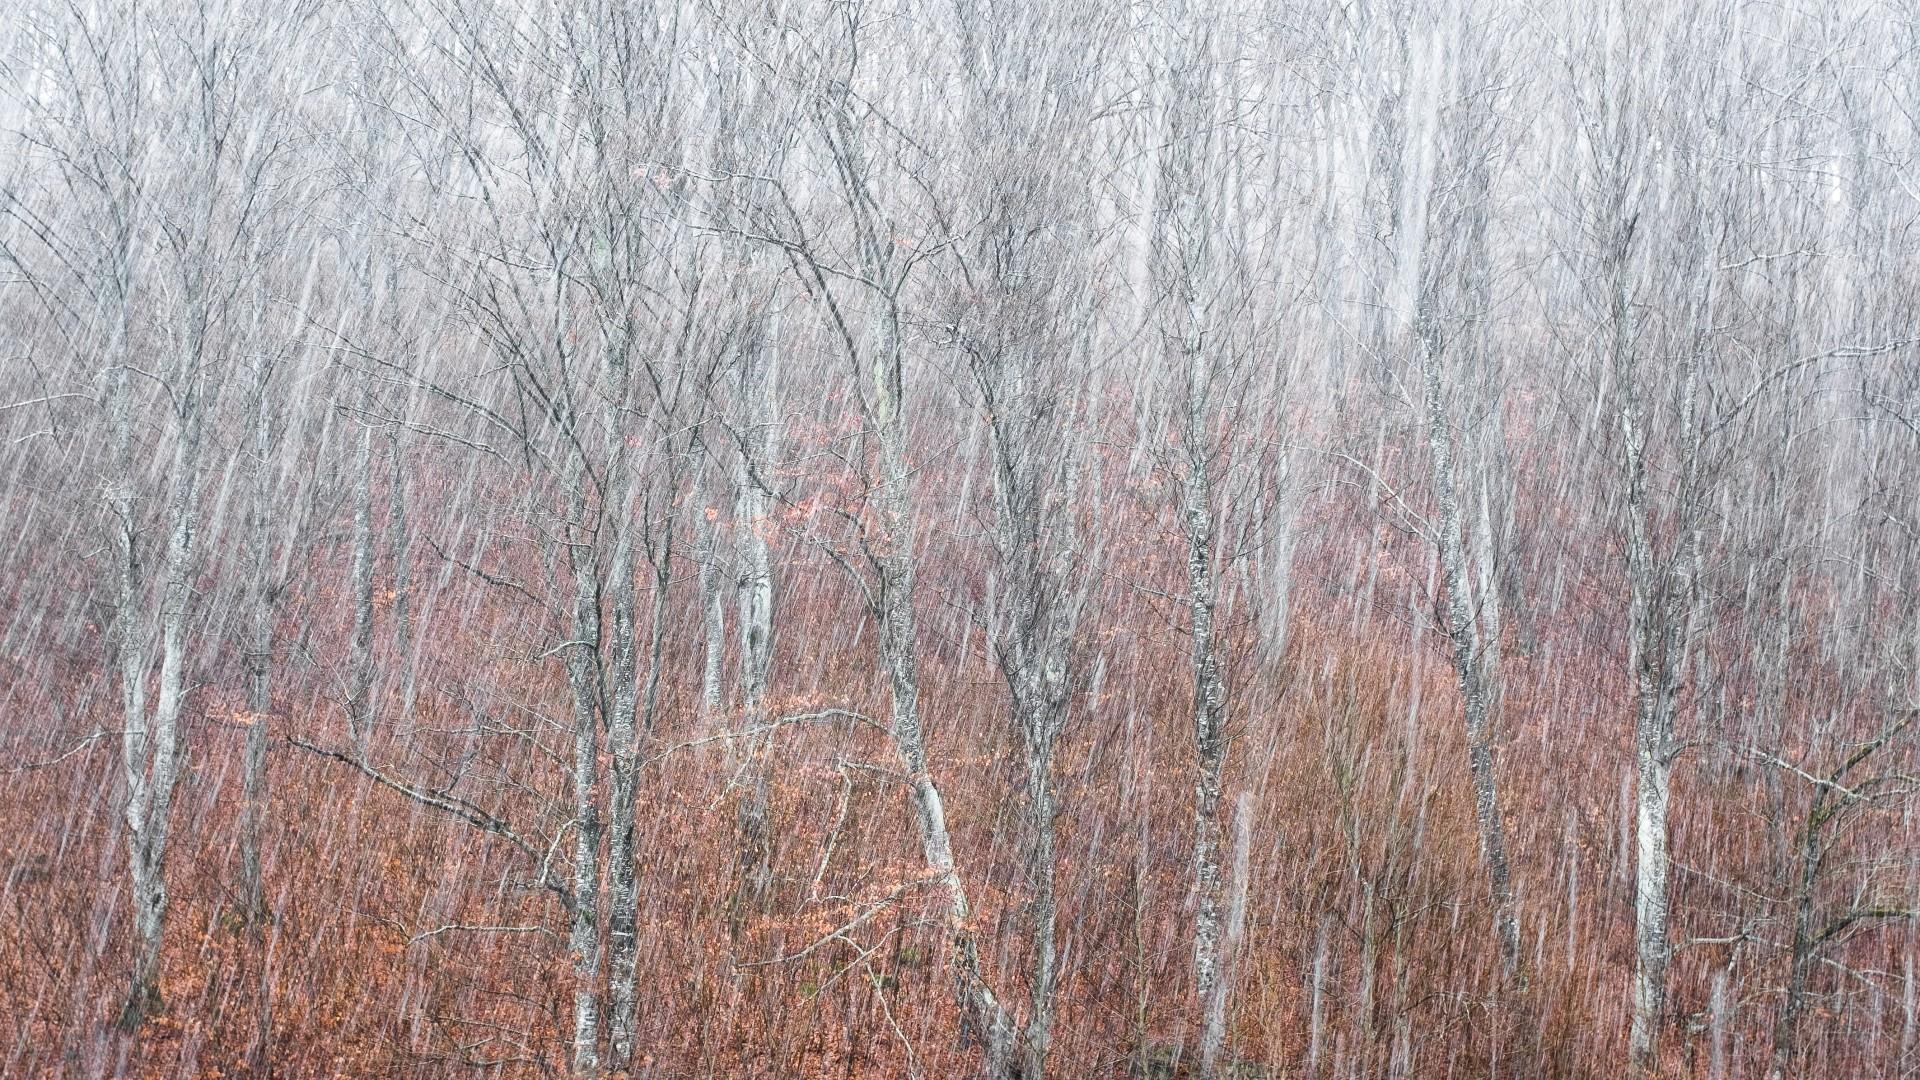 Fotó: Fáth Ádám: Évszakok találkozása<br />Kategória: Növények és gombák<br />Helyezés: 3. díj<br /><br />Hirtelen hóvihar egy erdélyi dombon, ahol a fákat még az őszi színes levelek tarkítják. Idén februárban egy erdélyi fotóstúrára indultunk néhány barátommal. Annak ellenére, hogy az utat alapos tervezés előzte meg, egy nem várt pillanat hozta meg az emlékezetes képet.